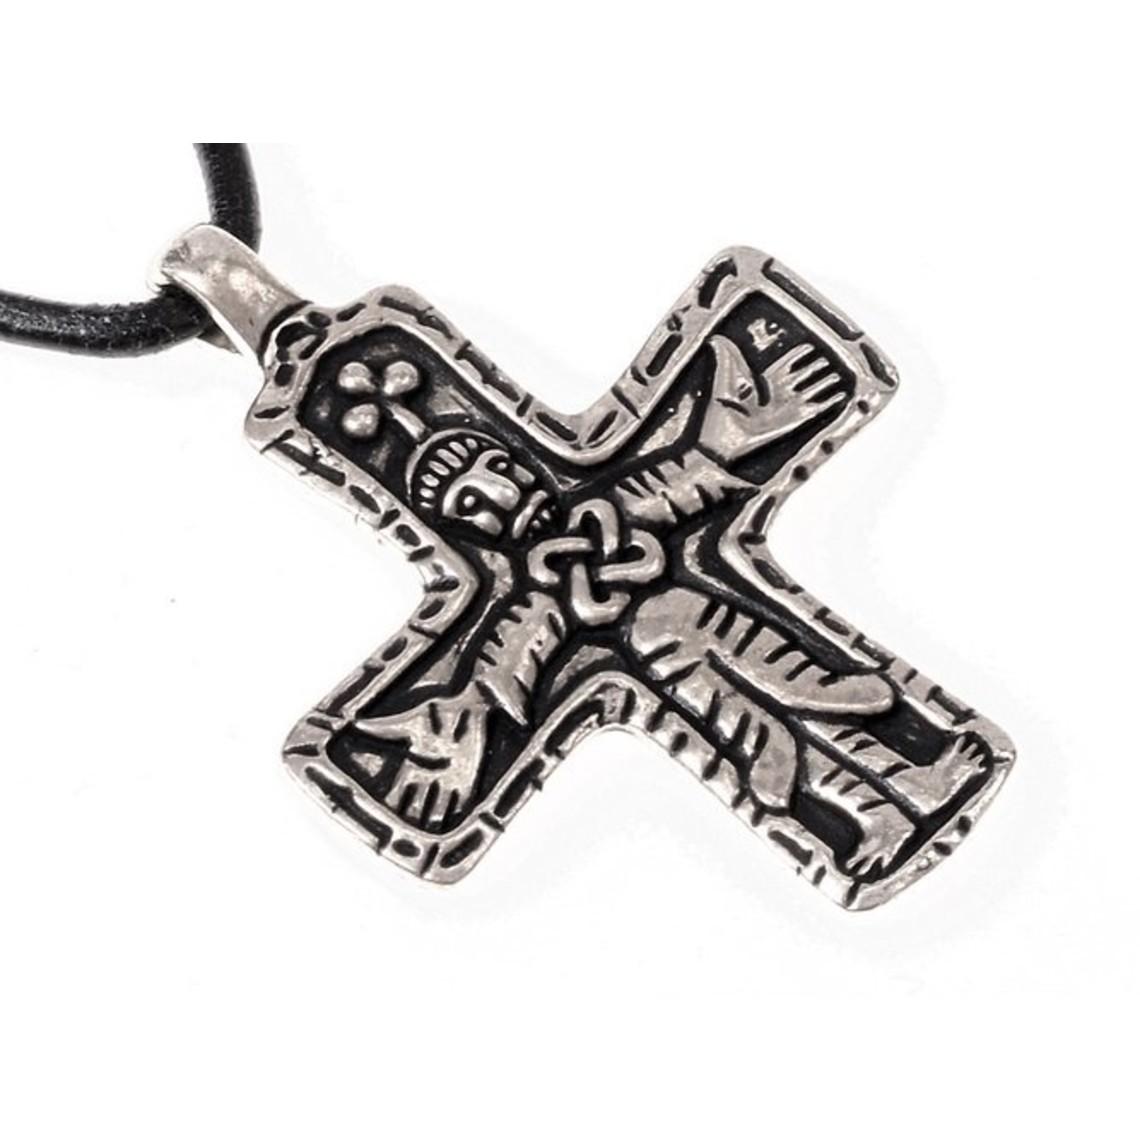 Gotland Viking tvär juvel, försilvrad